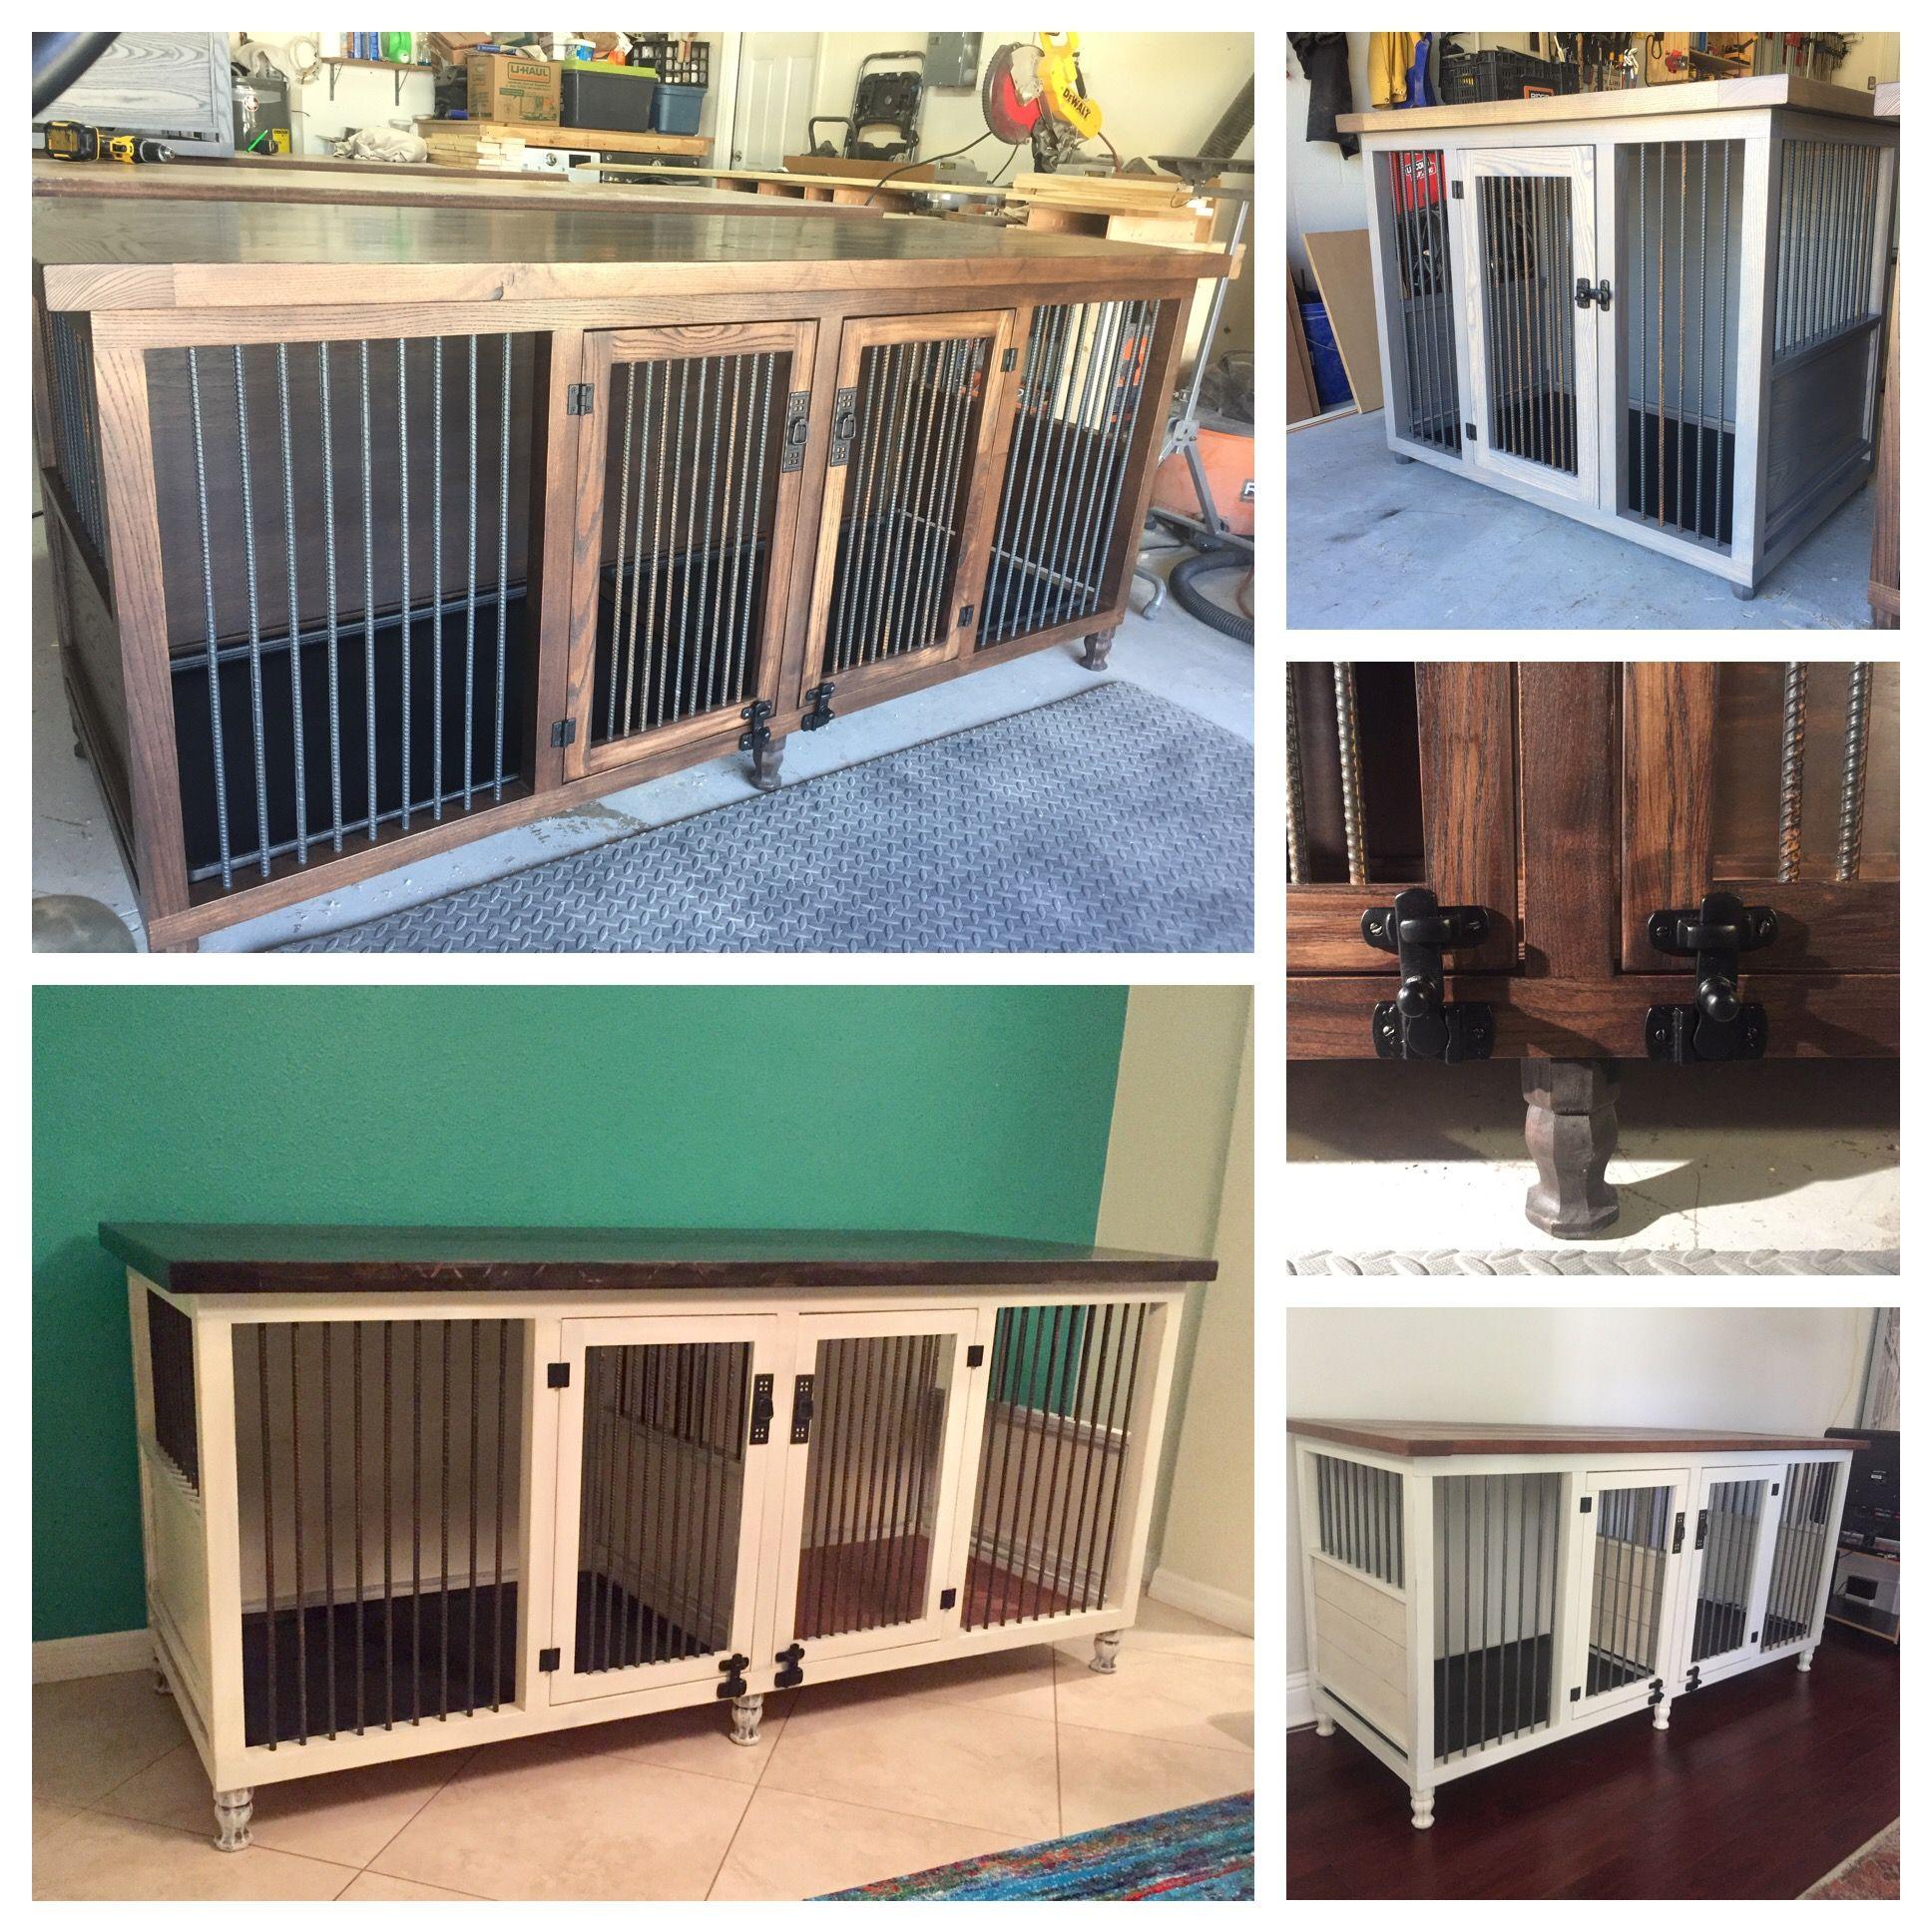 original double dog kennel dog kennels pinterest hundebett hunde und bastelideen. Black Bedroom Furniture Sets. Home Design Ideas